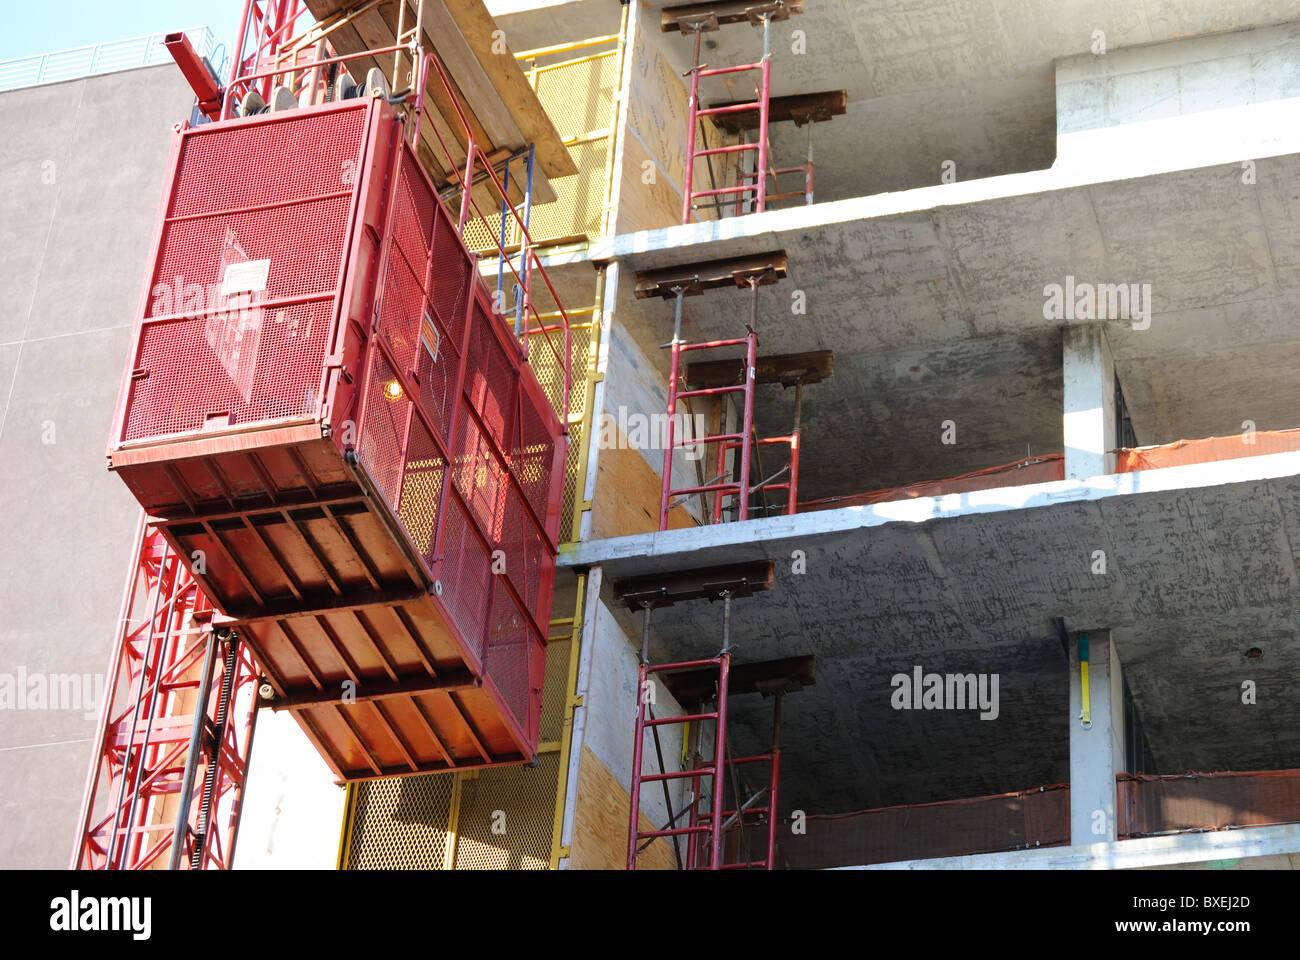 Un ascenseur ascenseur sur un bâtiment en construction Photo Stock